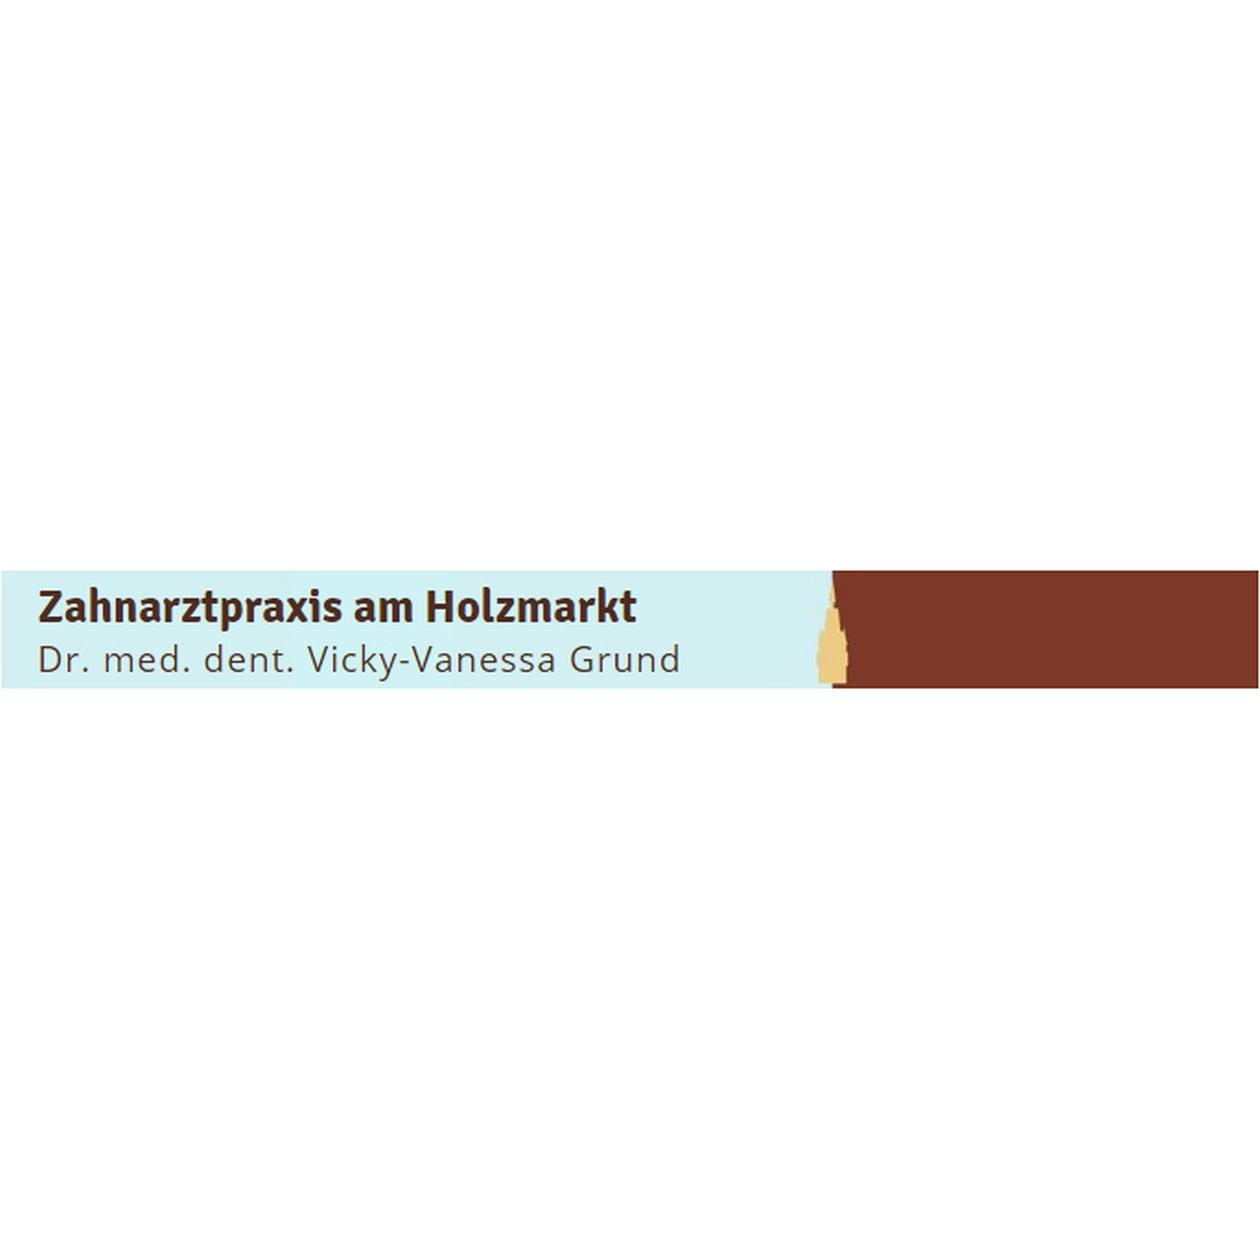 Bild zu Dr. med. dent. Vicky-Vanessa Grund Zahnarzt-Praxis am Holzmarkt in Freiburg im Breisgau